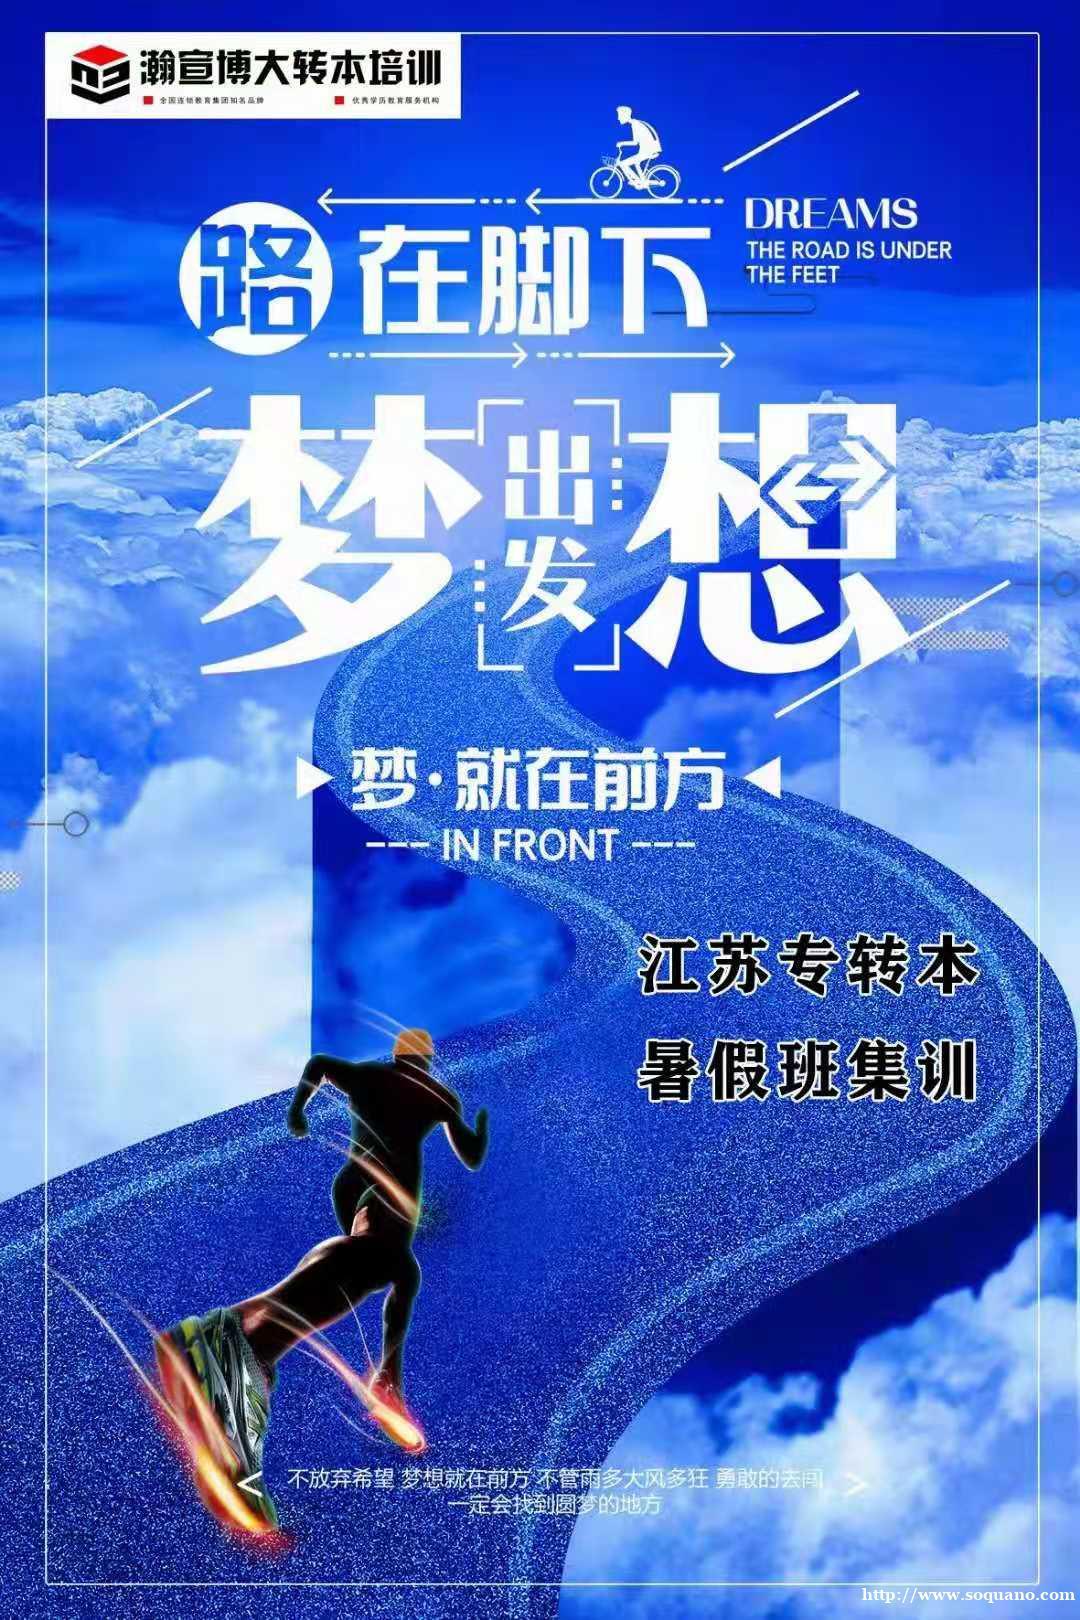 南京医科大学康达学院五年制专转本招生政策你了解多少如何备考?